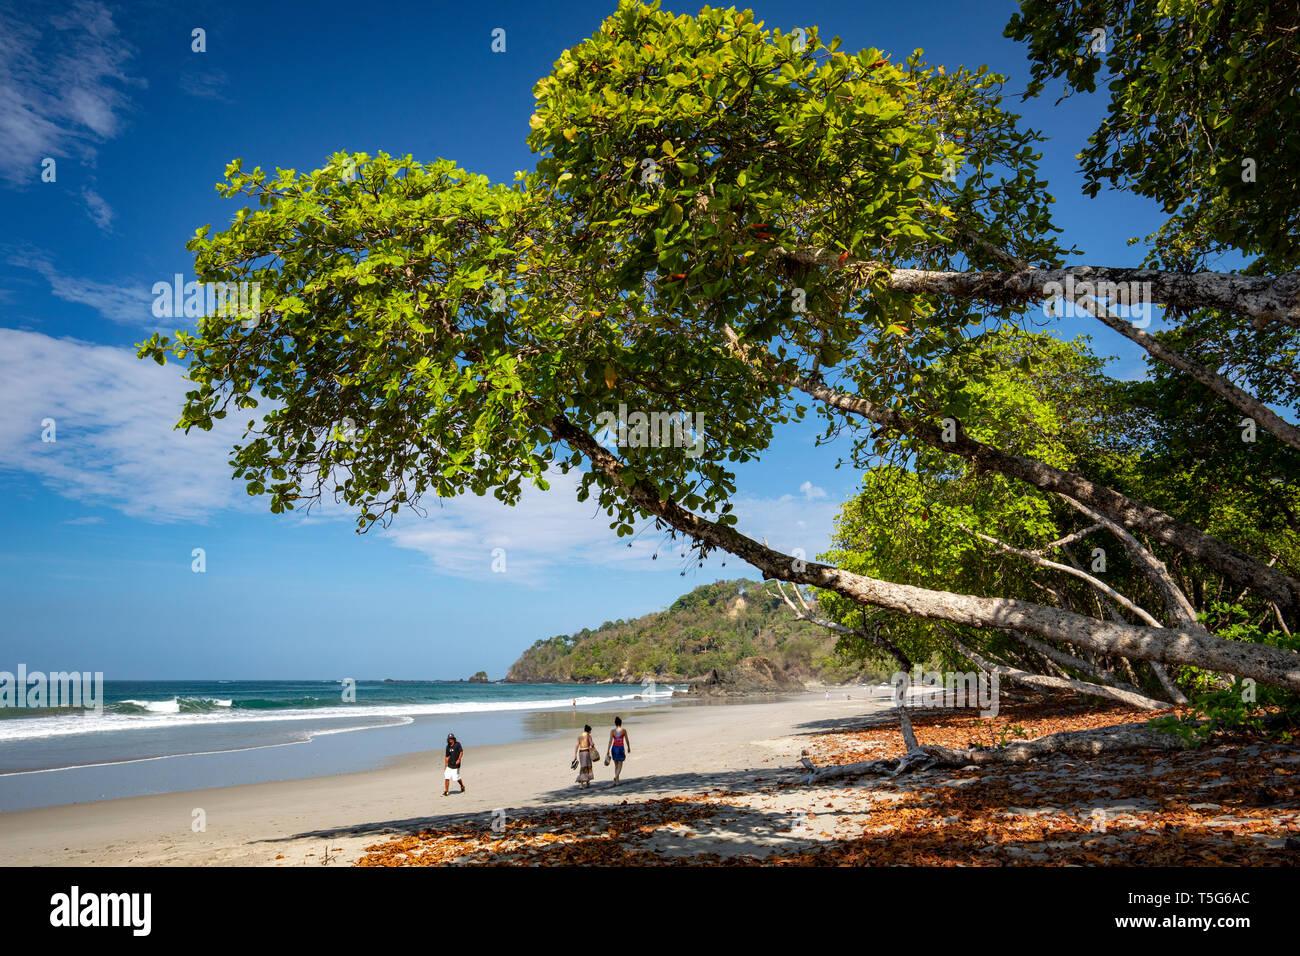 Tropical coastal views of Espadilla Norte Beach, Manuel Antonio, Quepos, Costa Rica - Stock Image